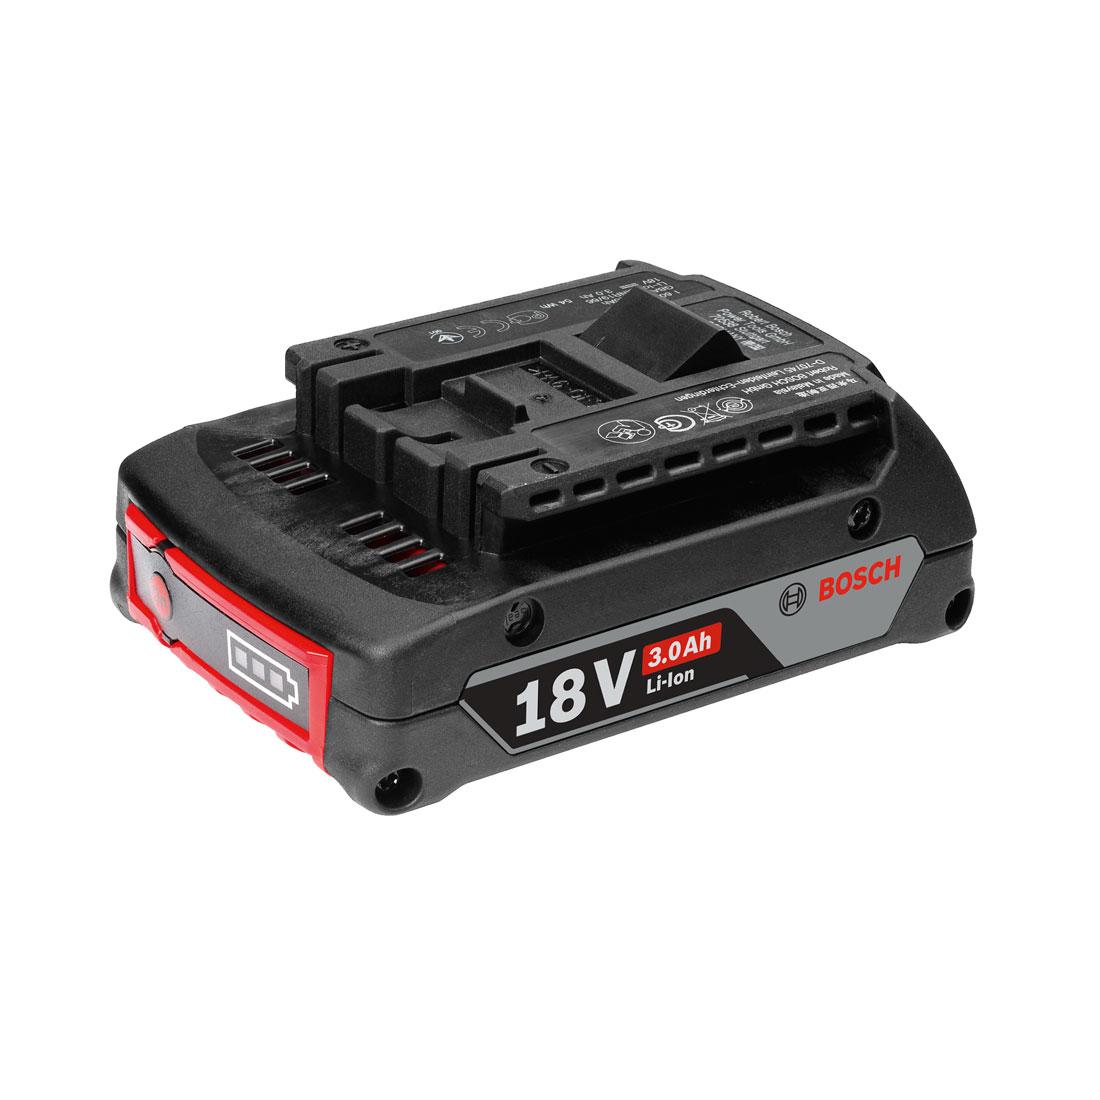 Bosch 18v Li-ion Cool Pack Battery 3Ah Compact 1600A012UV